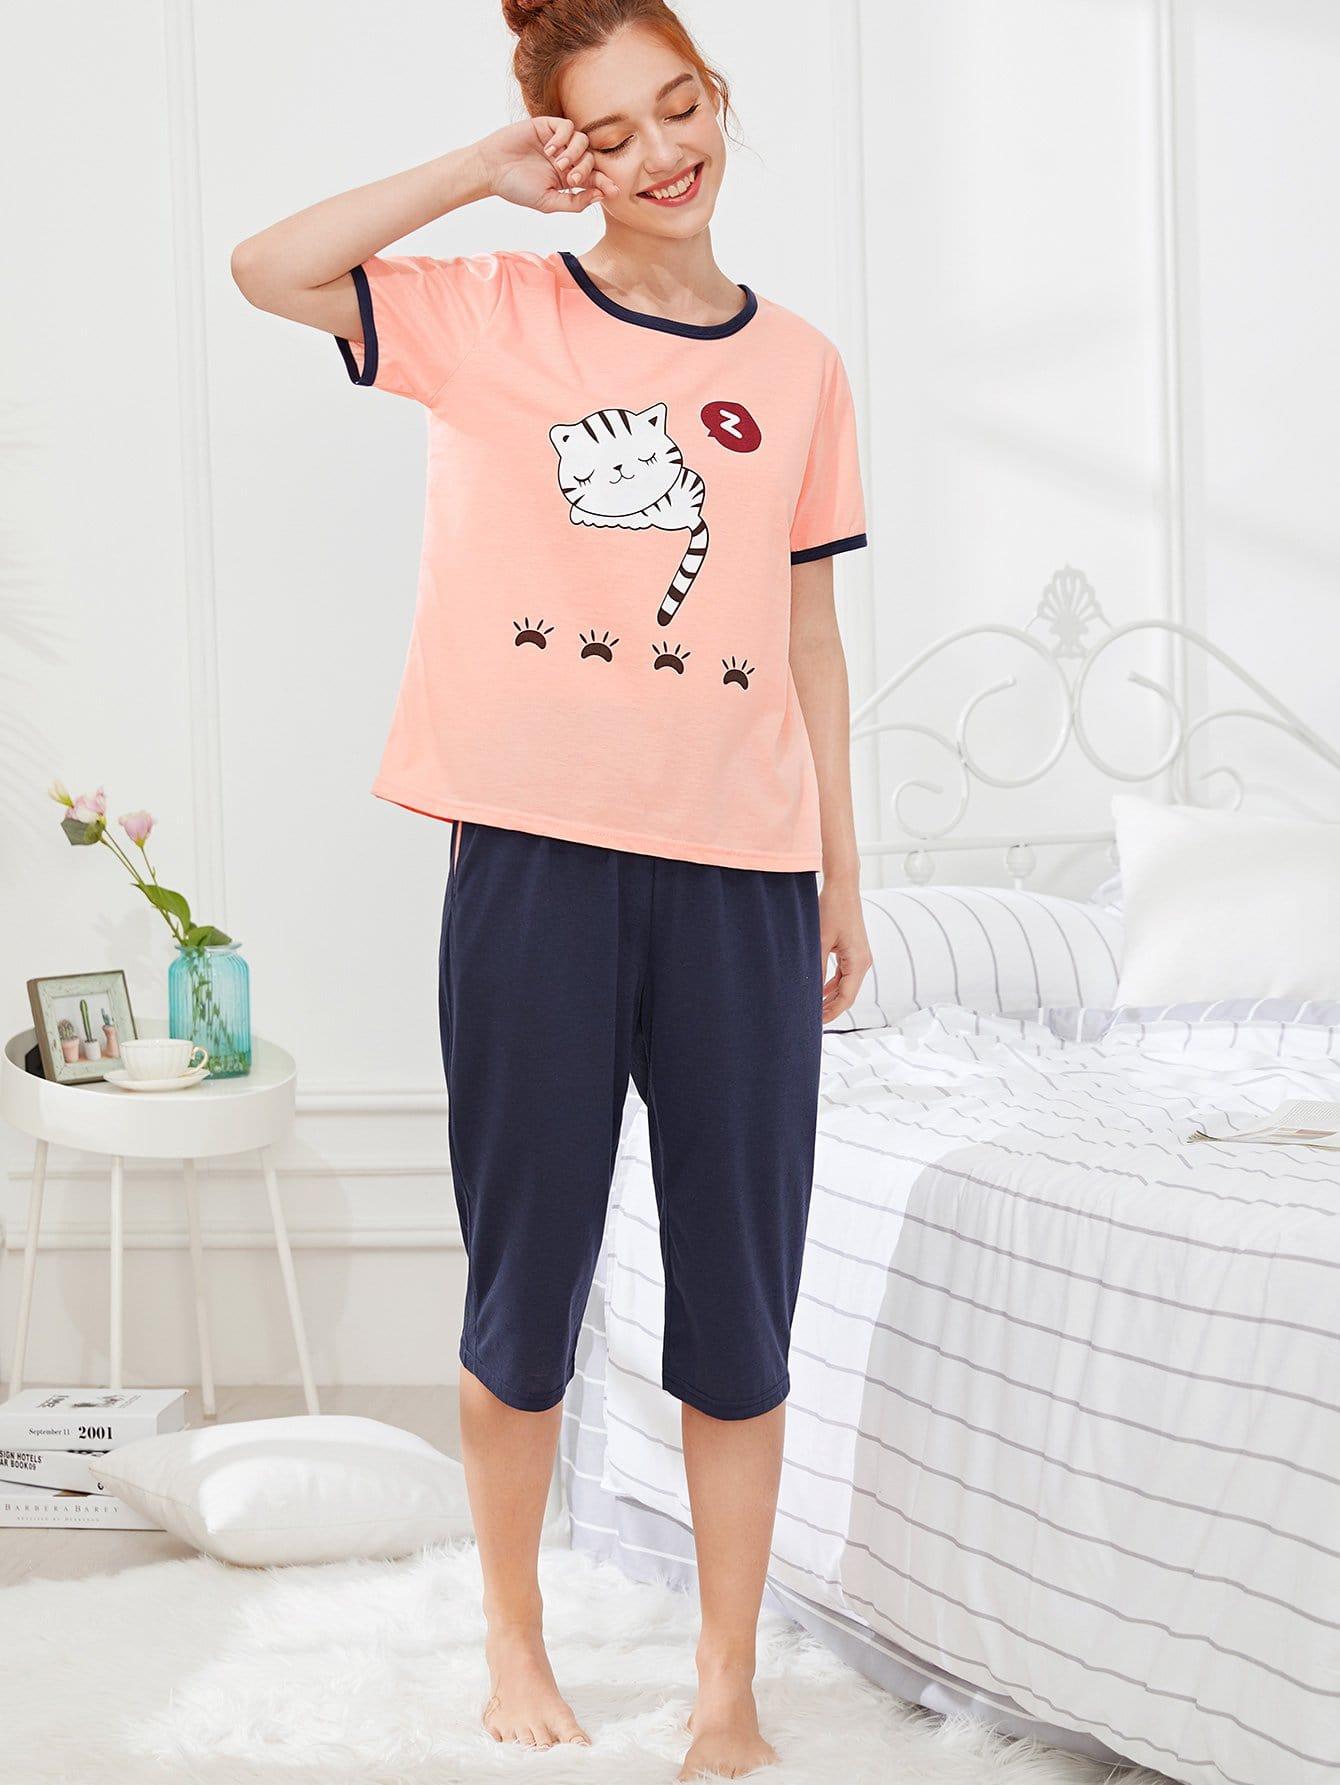 Cat Print Tee & Pants PJ Set exmork 100 вт 12 в poly si